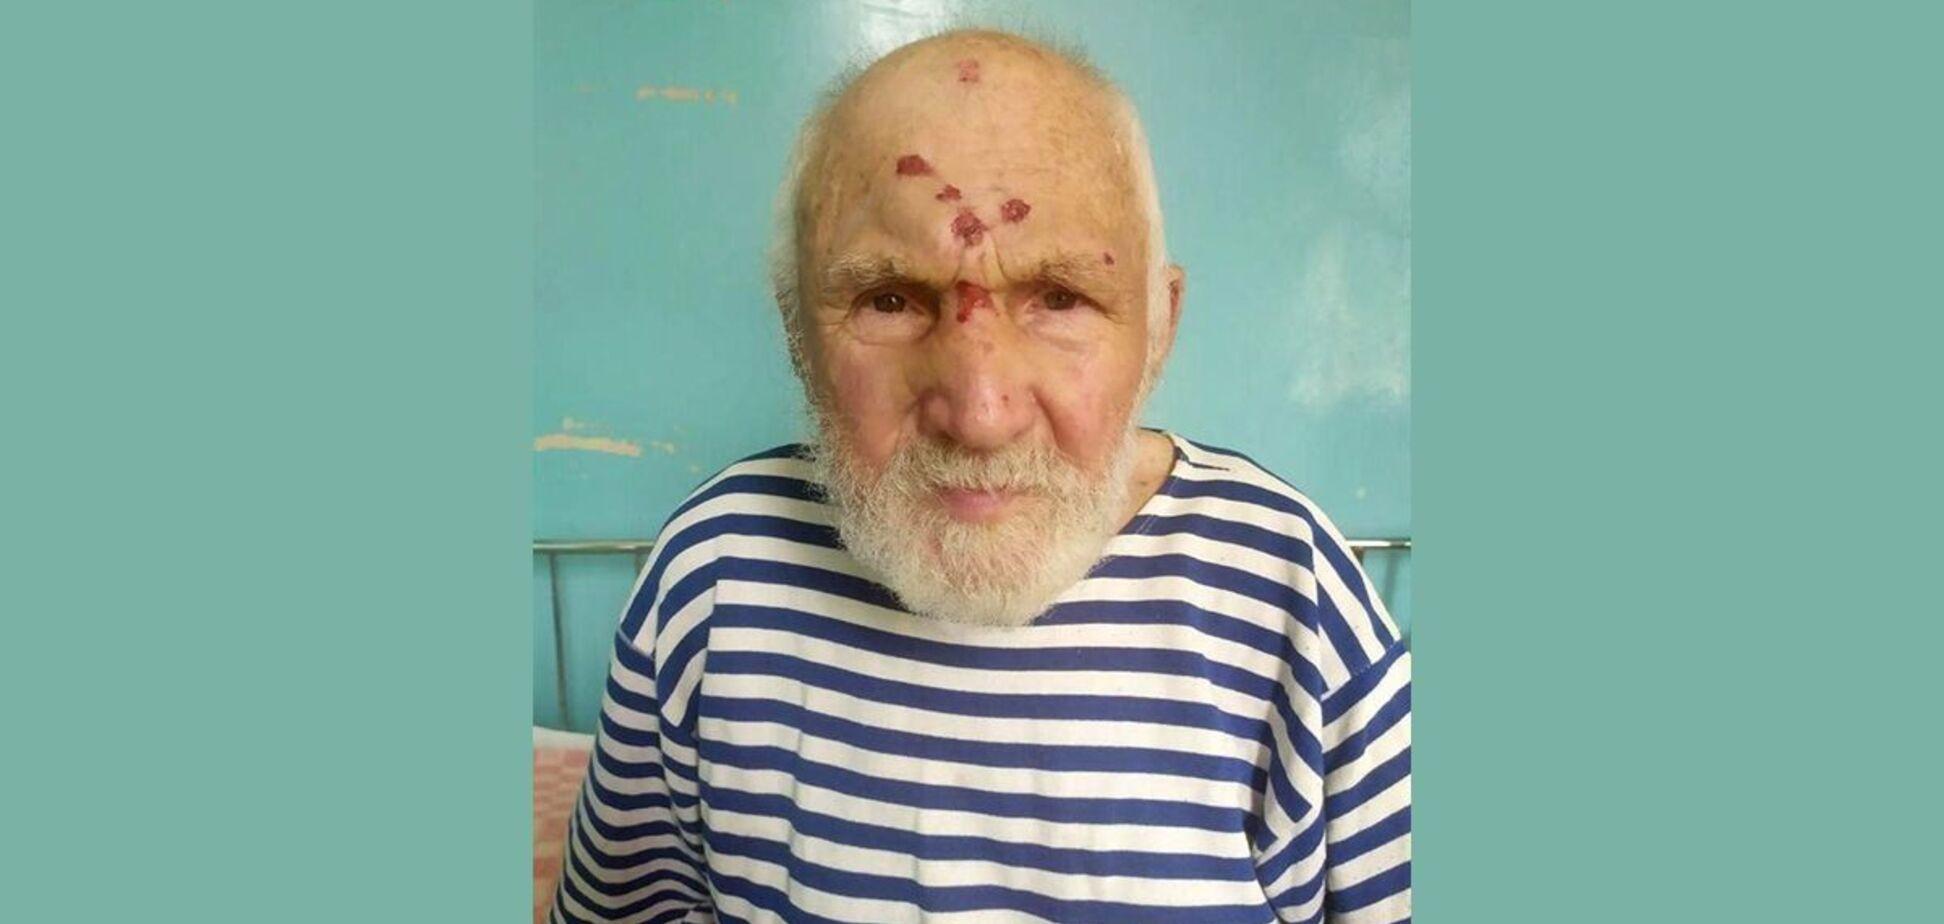 Вийшов з лікарні та пропав: в Дніпрі розшукується 88-річний чоловік